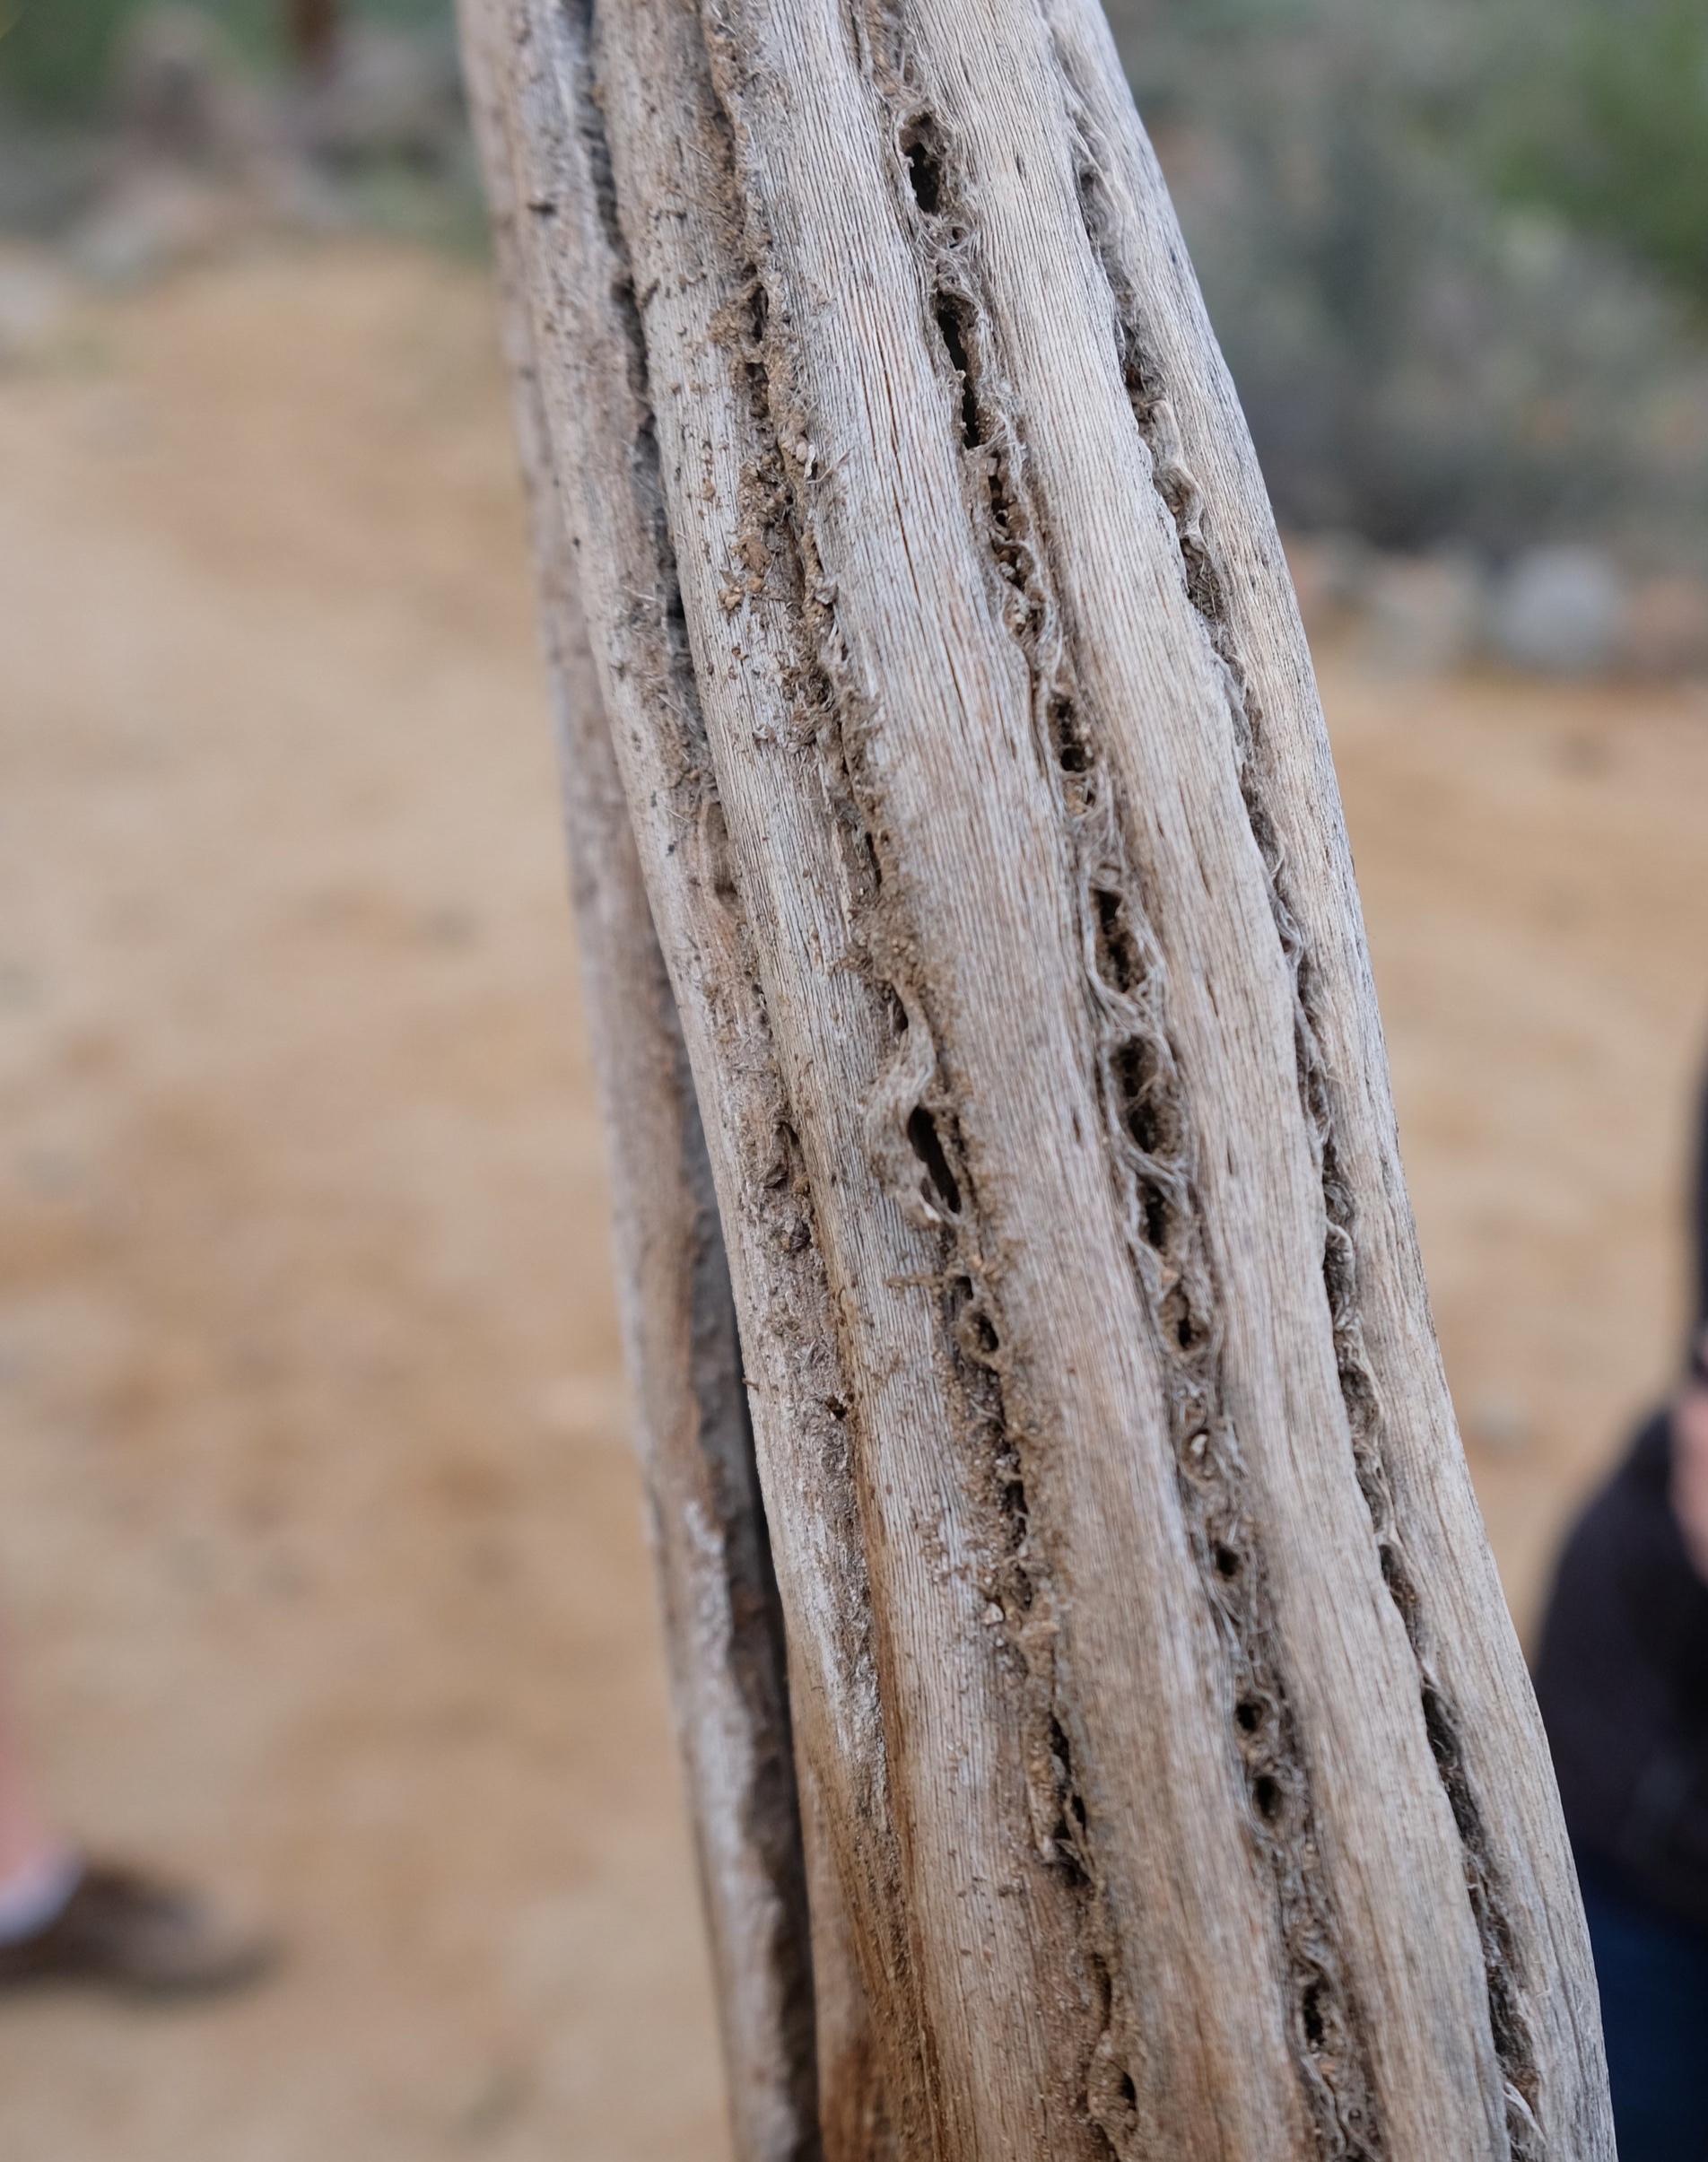 Cage structure inside a dead Saguaro cactus